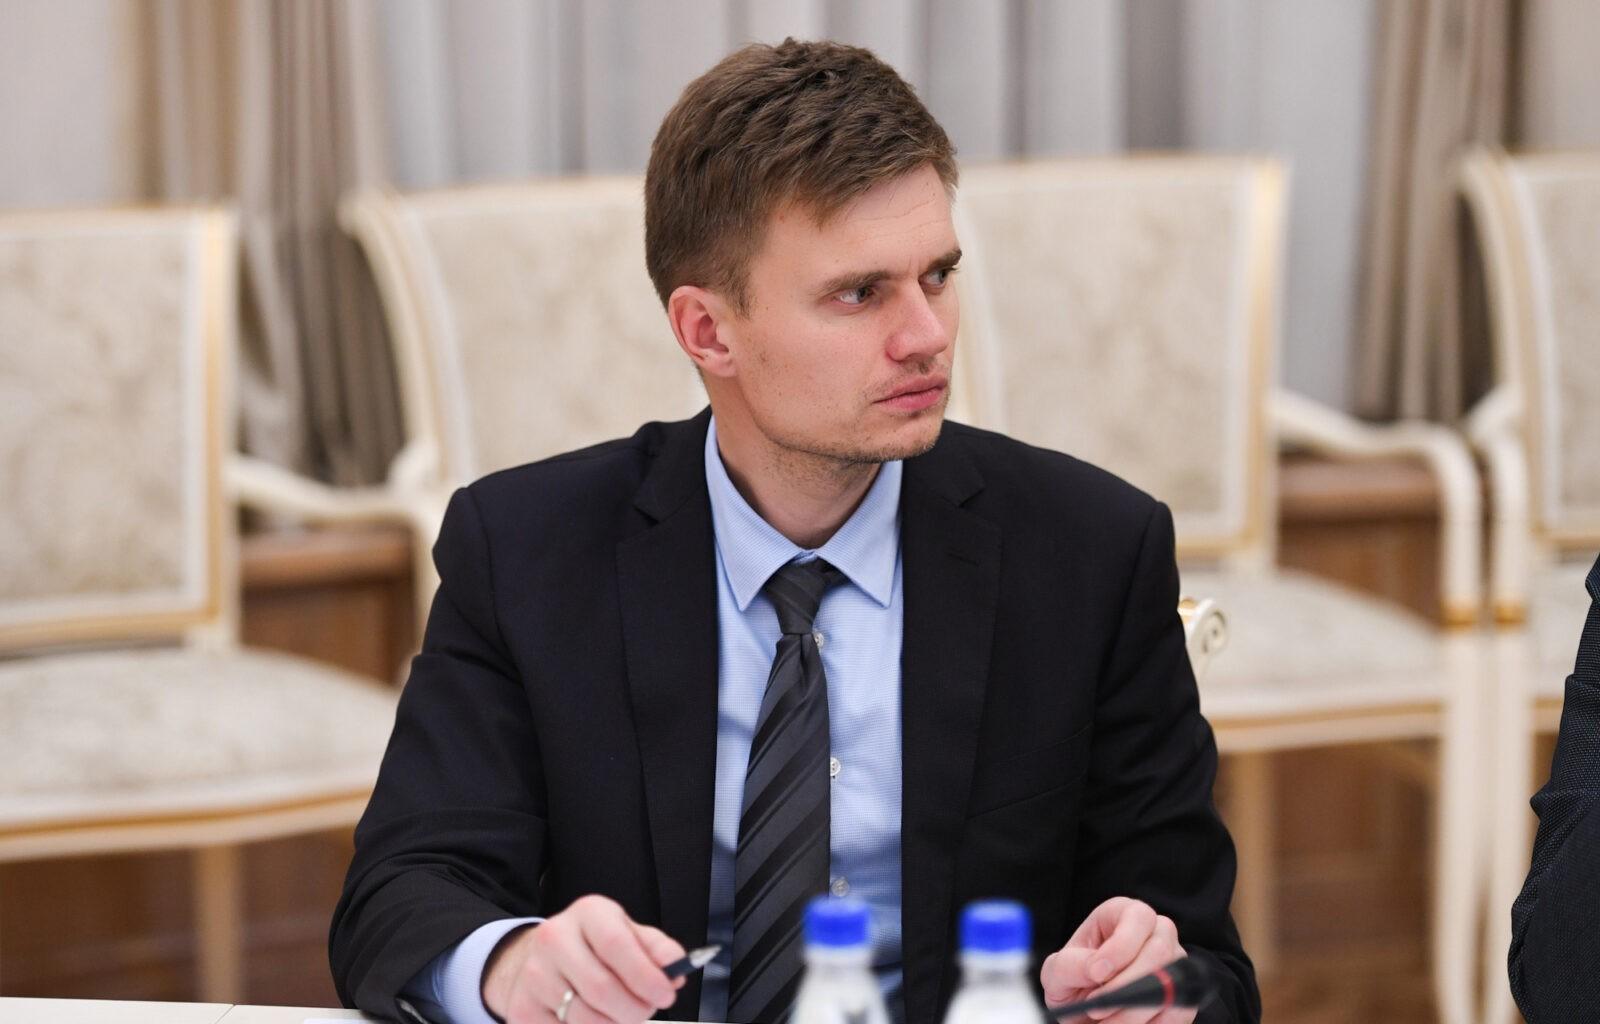 Игорь Руденя назвал поддержку семей ключевым направлением работы